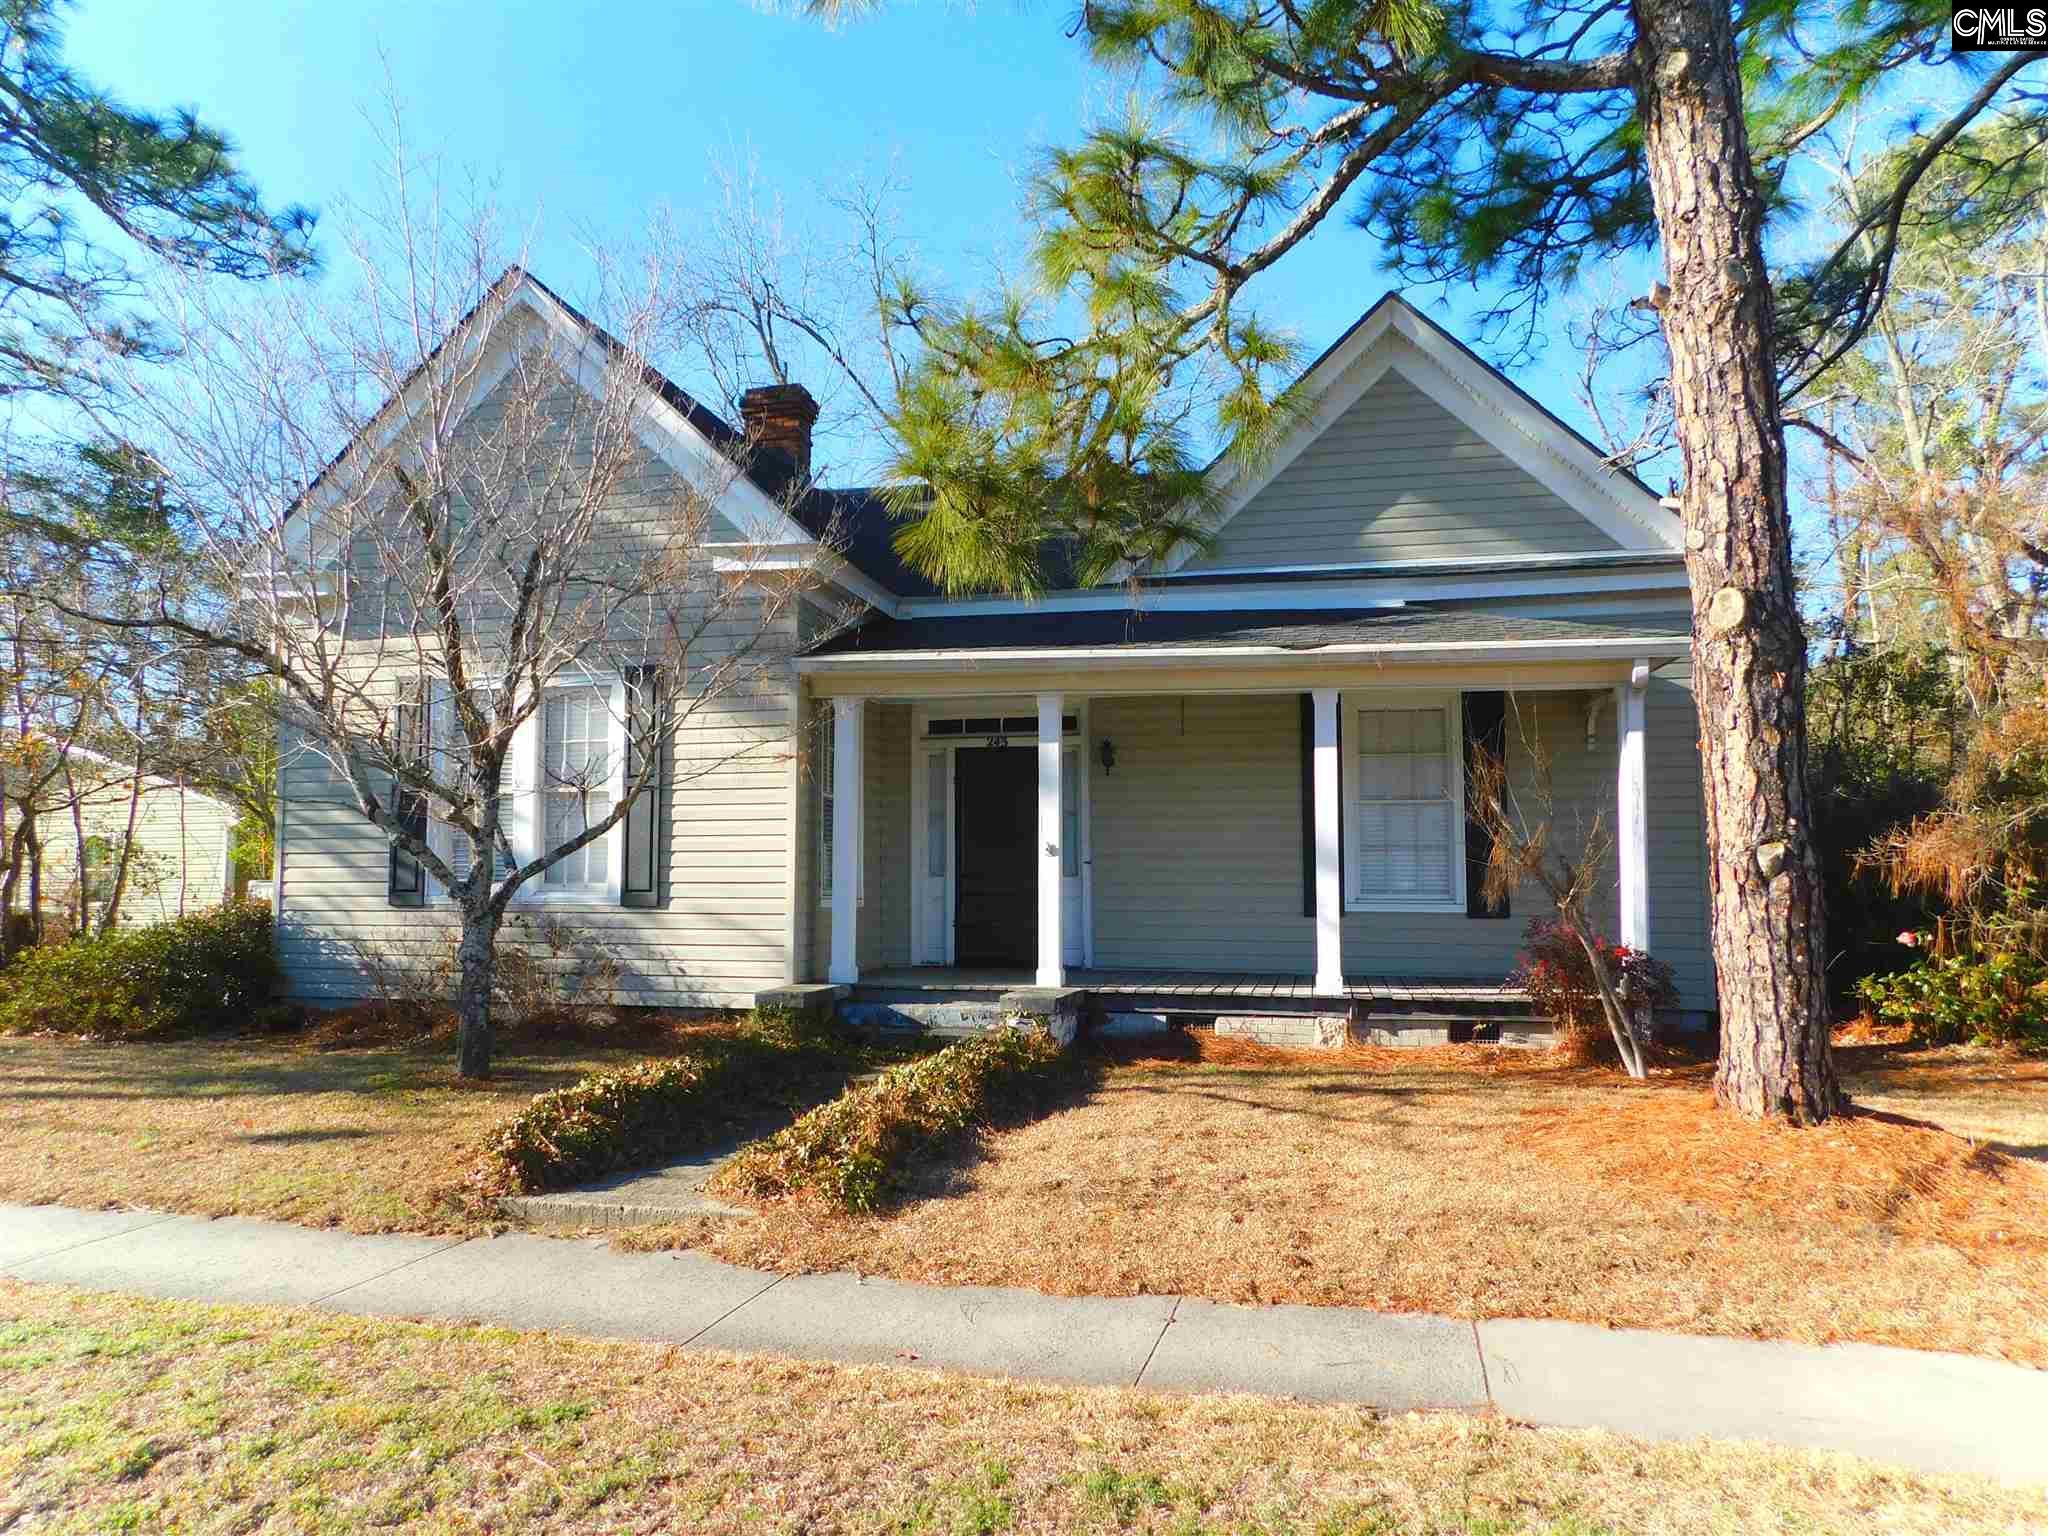 243 E Columbia Leesville, SC 29070